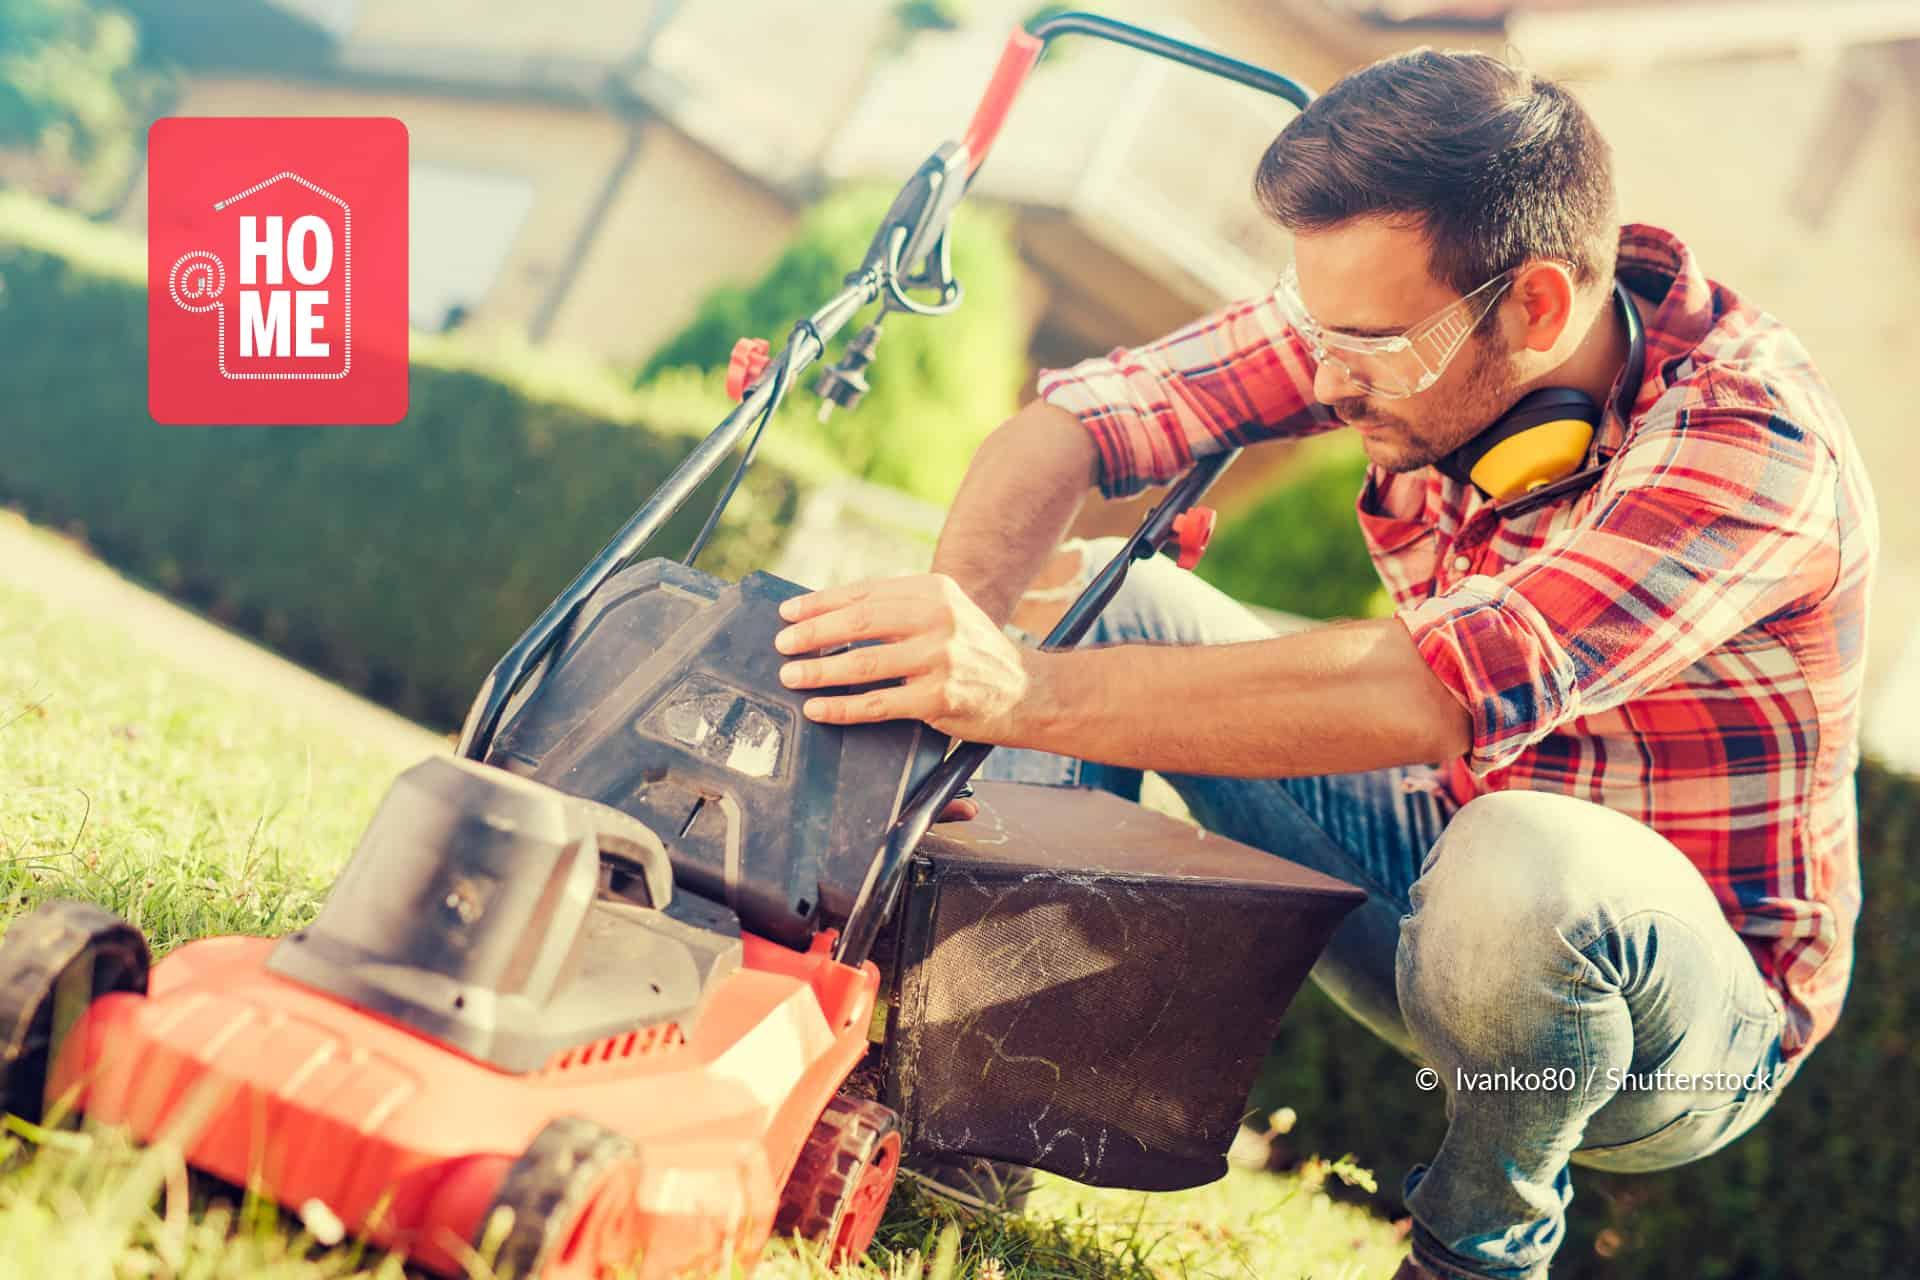 onderhoud benzine grasmaaier